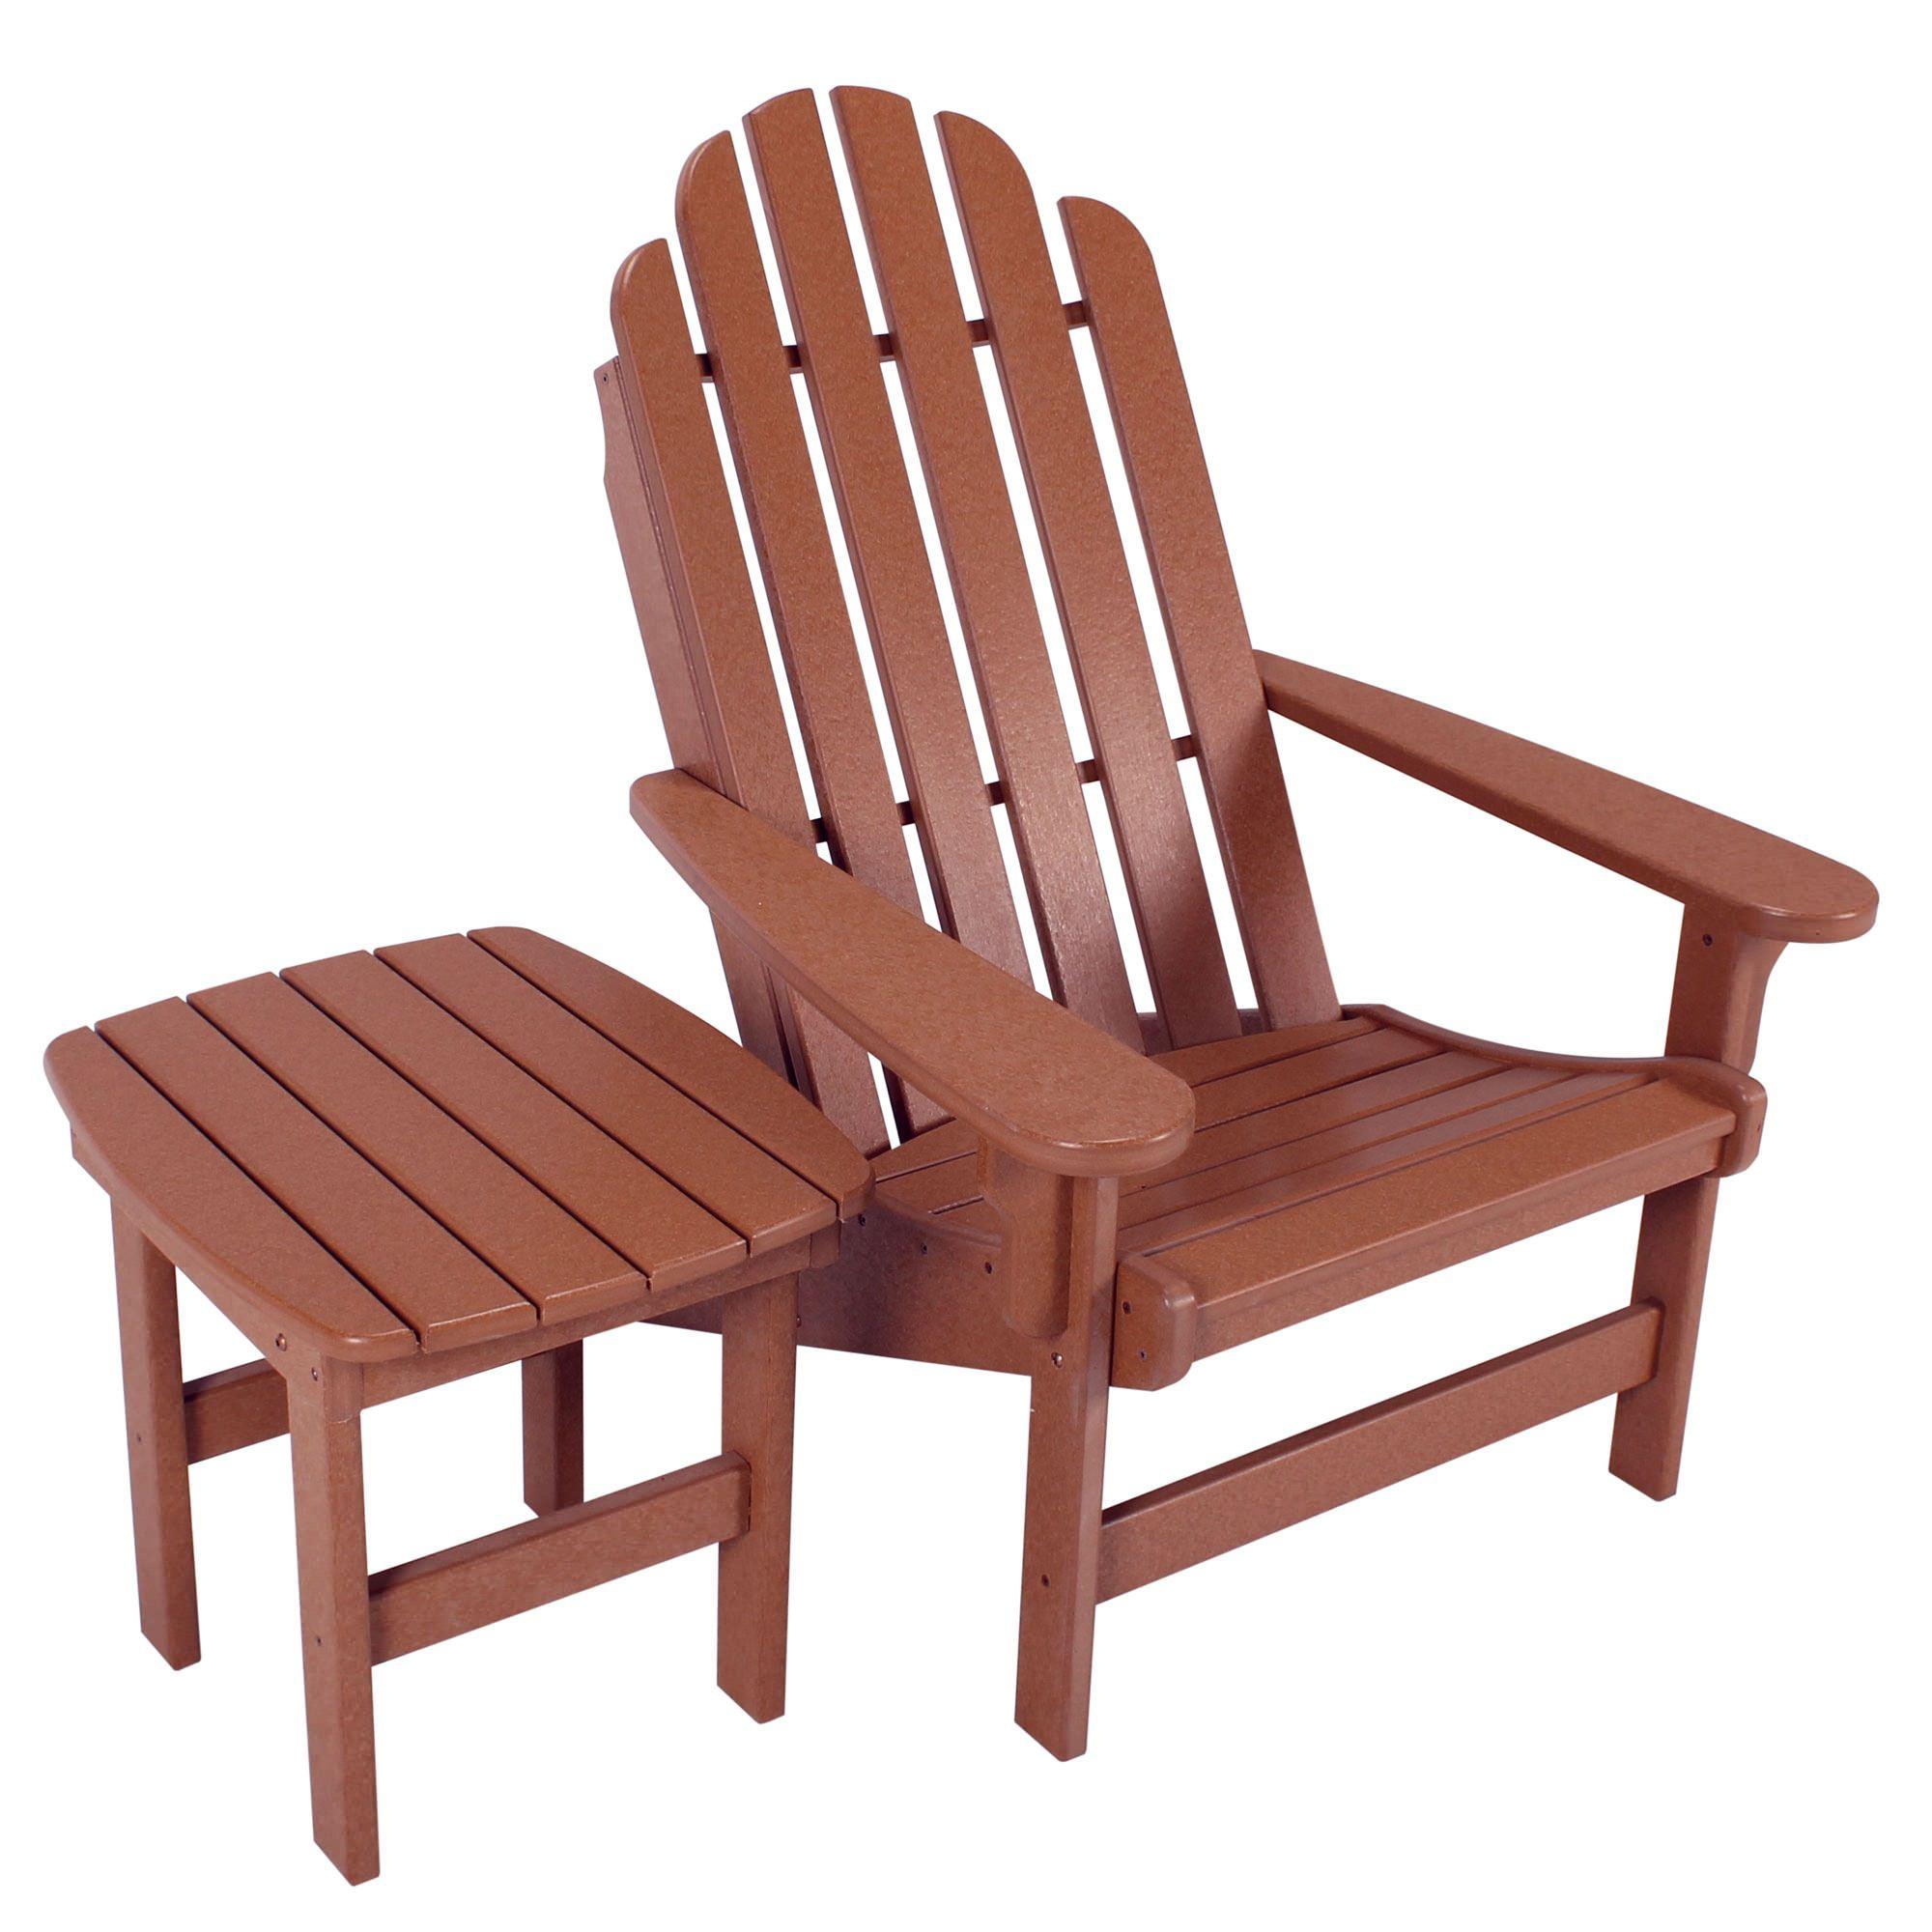 Shop Cedar Durawood Side Table Pawleys Island Furniture